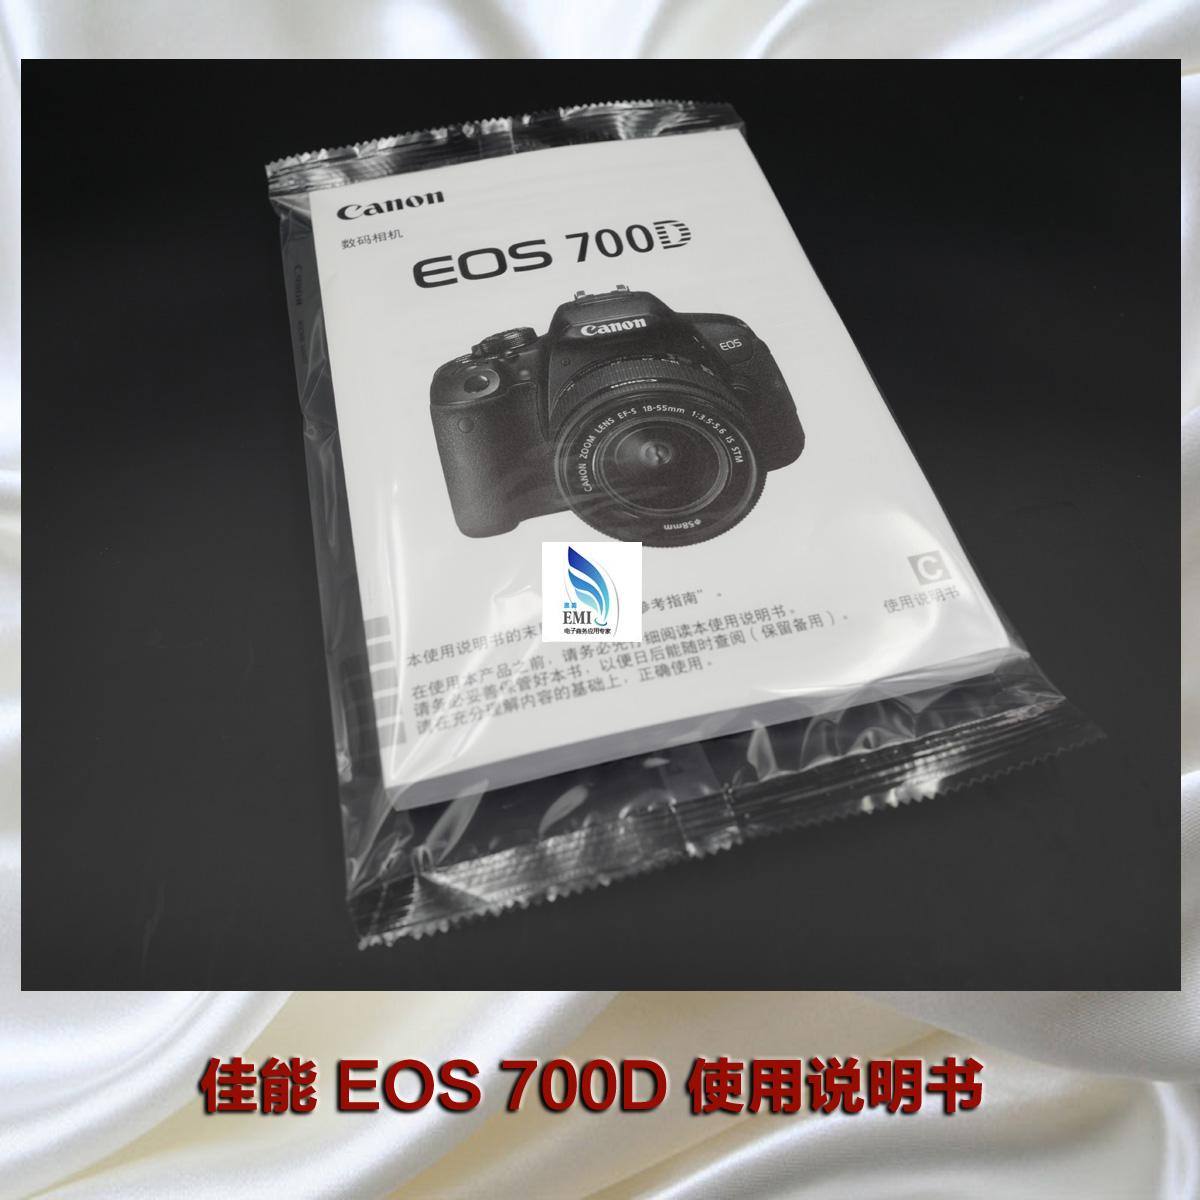 识货人的选择!佳能数码单反 EOS 700D 说明书 大本装 全新未开封